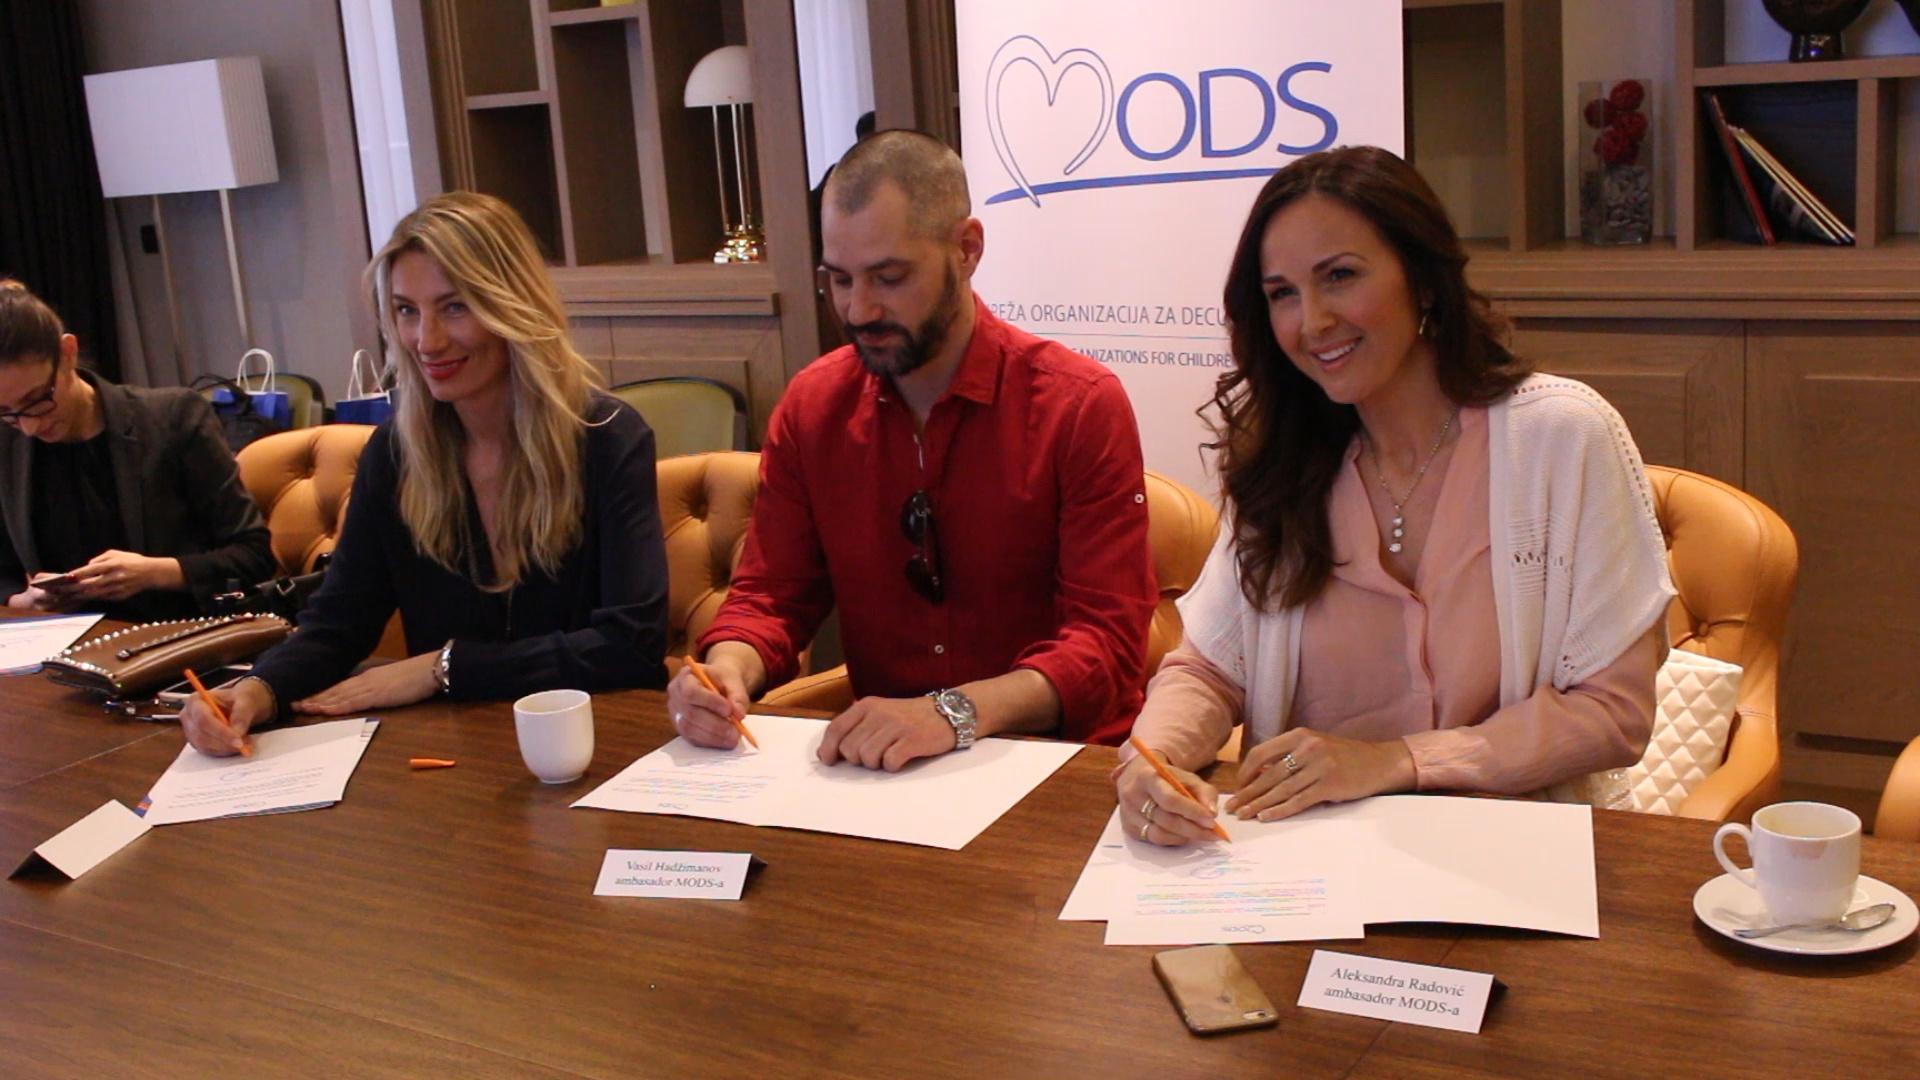 Poznati se pridružili klubu prijatelja MODS - Svim srcem za decu Srbije